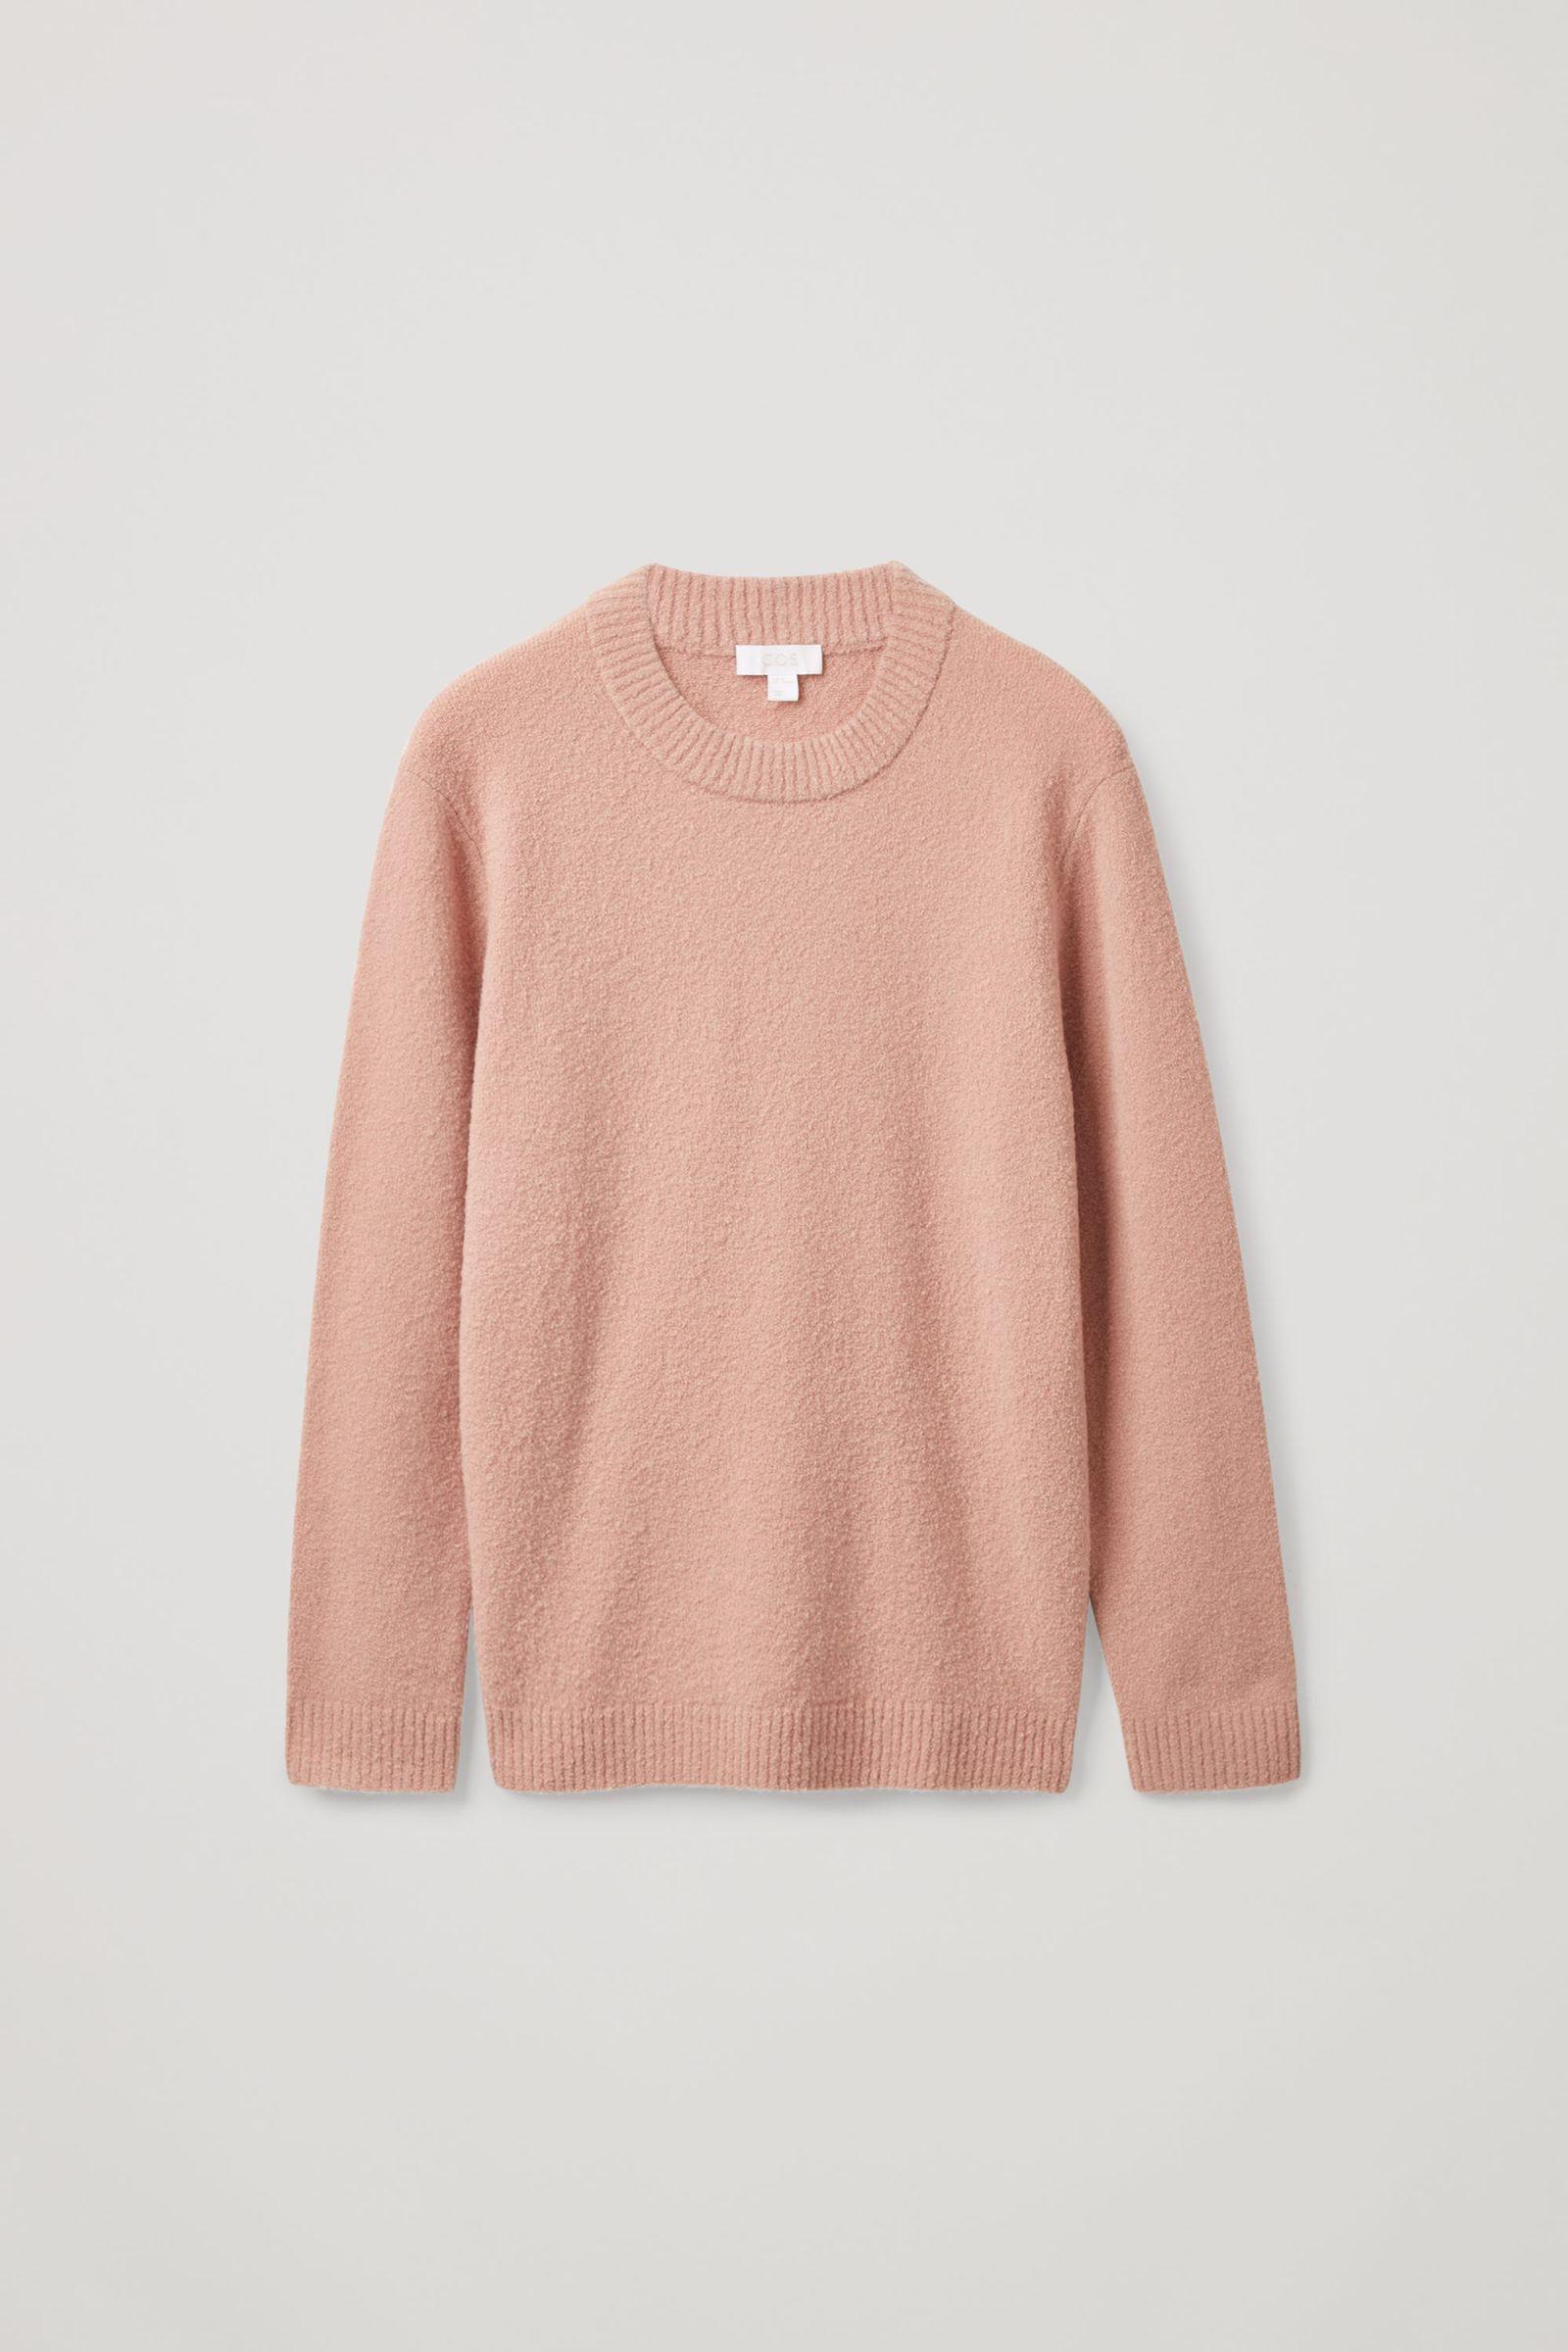 COS 릴랙스드 울 믹스 스웨터의 핑크컬러 Product입니다.